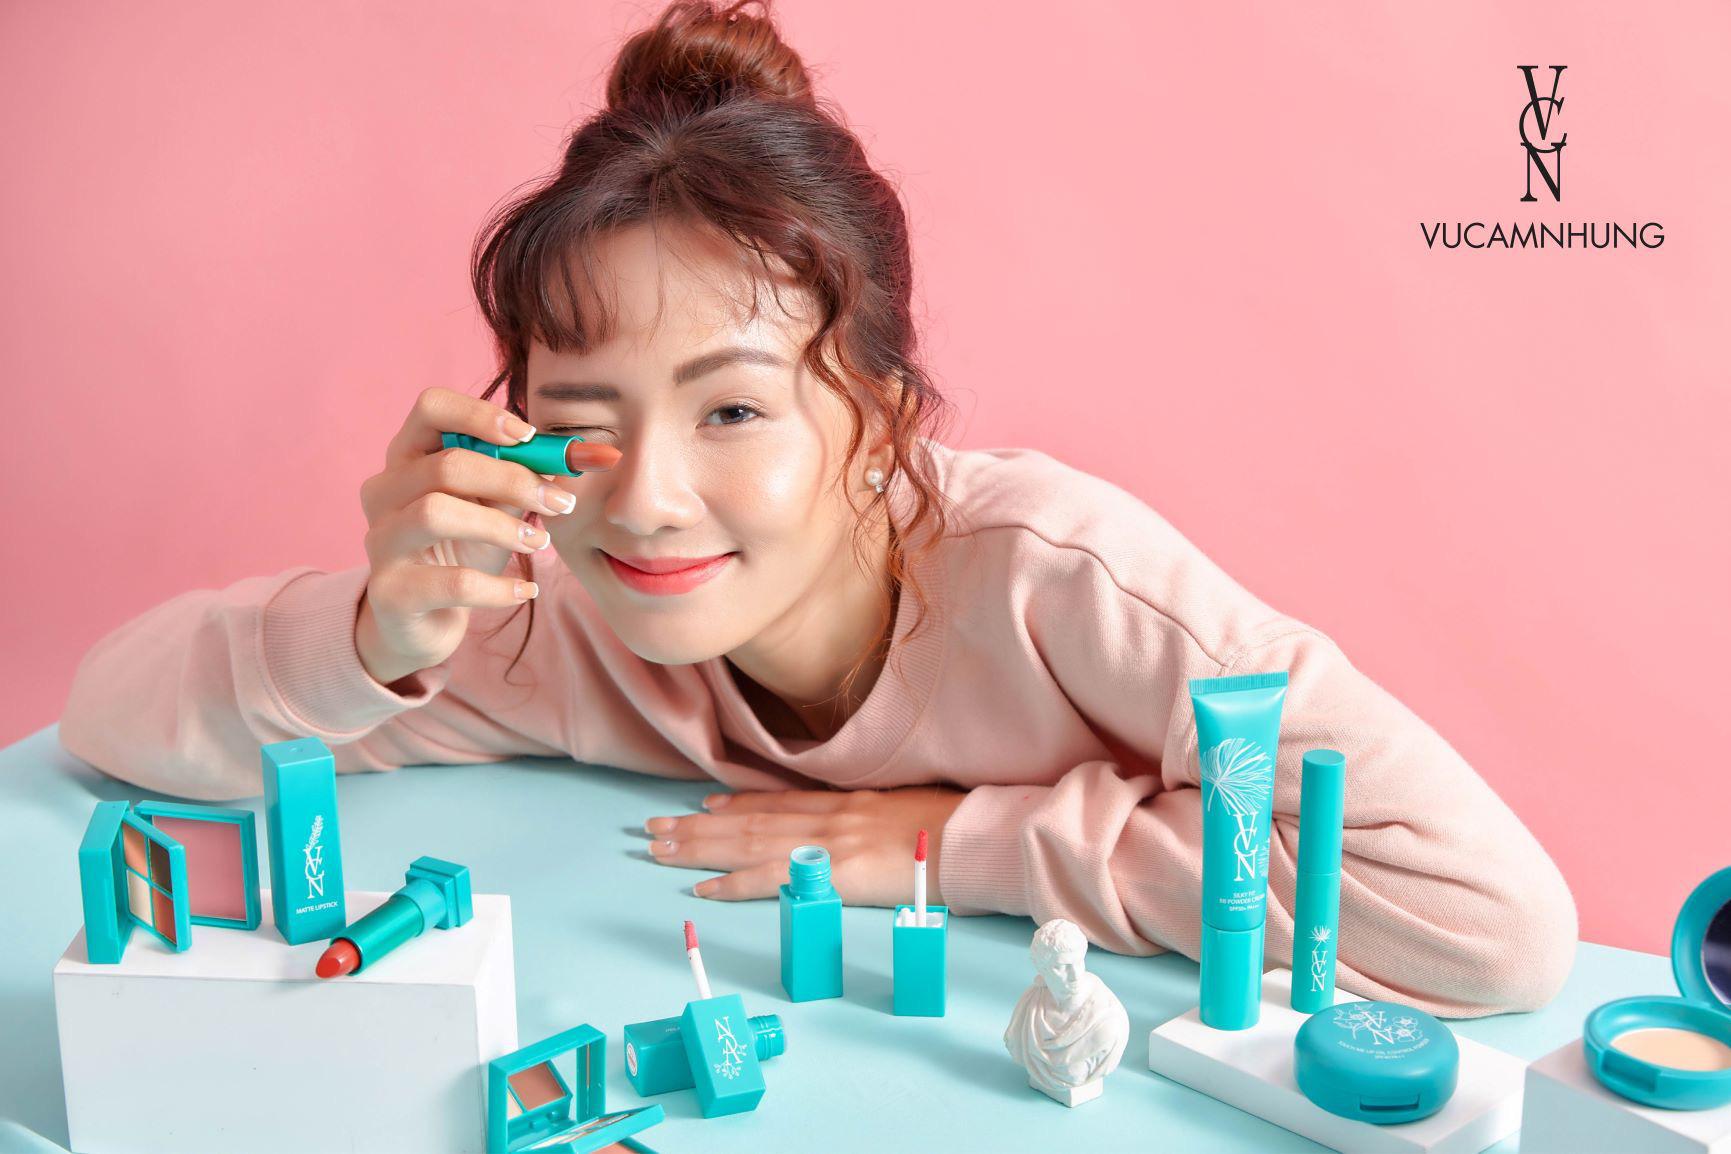 """Sản phẩm make up mới của Vũ Cẩm Nhung hứa hẹn """"khuynh đảo"""" giới trẻ - Ảnh 2."""